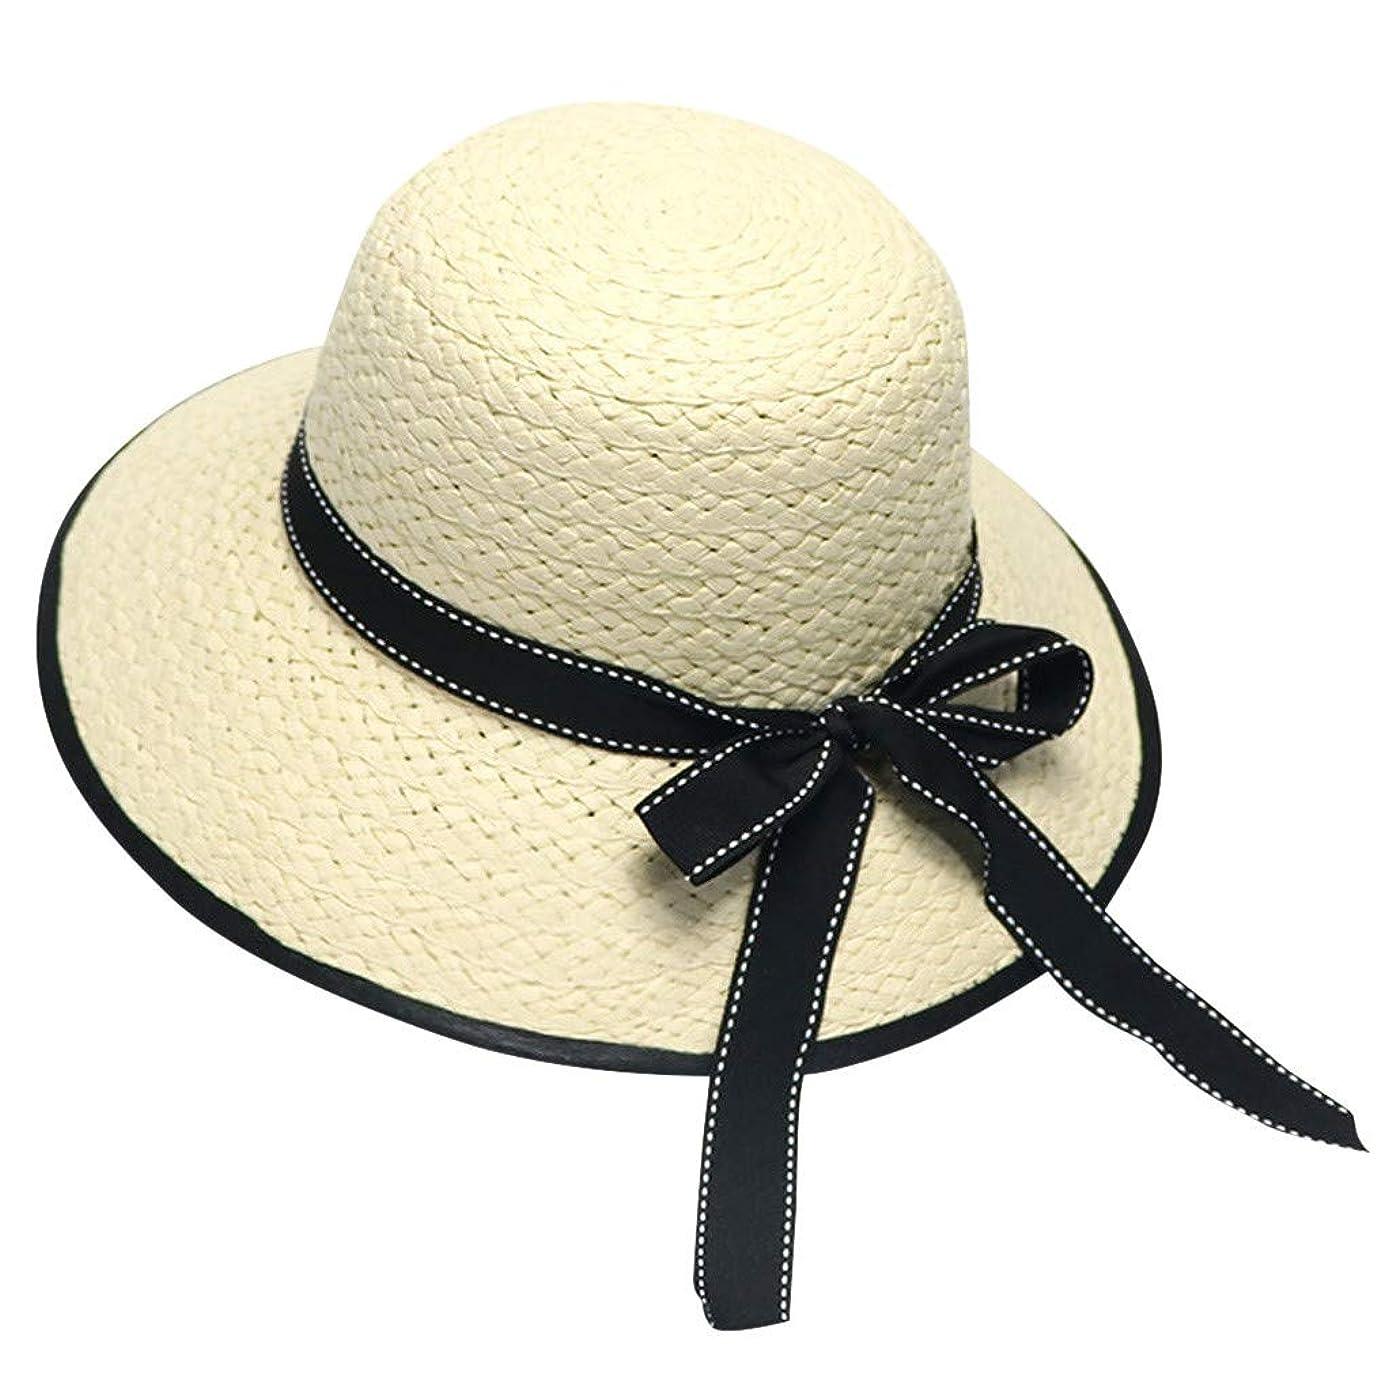 真剣に慢性的綺麗な帽子 レディース つば広 UVカット 熱中症 夏 海 紫外線 日除け 麦わら帽子 レディース小顔効果 蝶結び 親子帽 ストロー ハット 折りたたみ 紫外線対策 ジャングルハット おしゃれ 日よけ 日常用 可愛い ROSE ROMAN